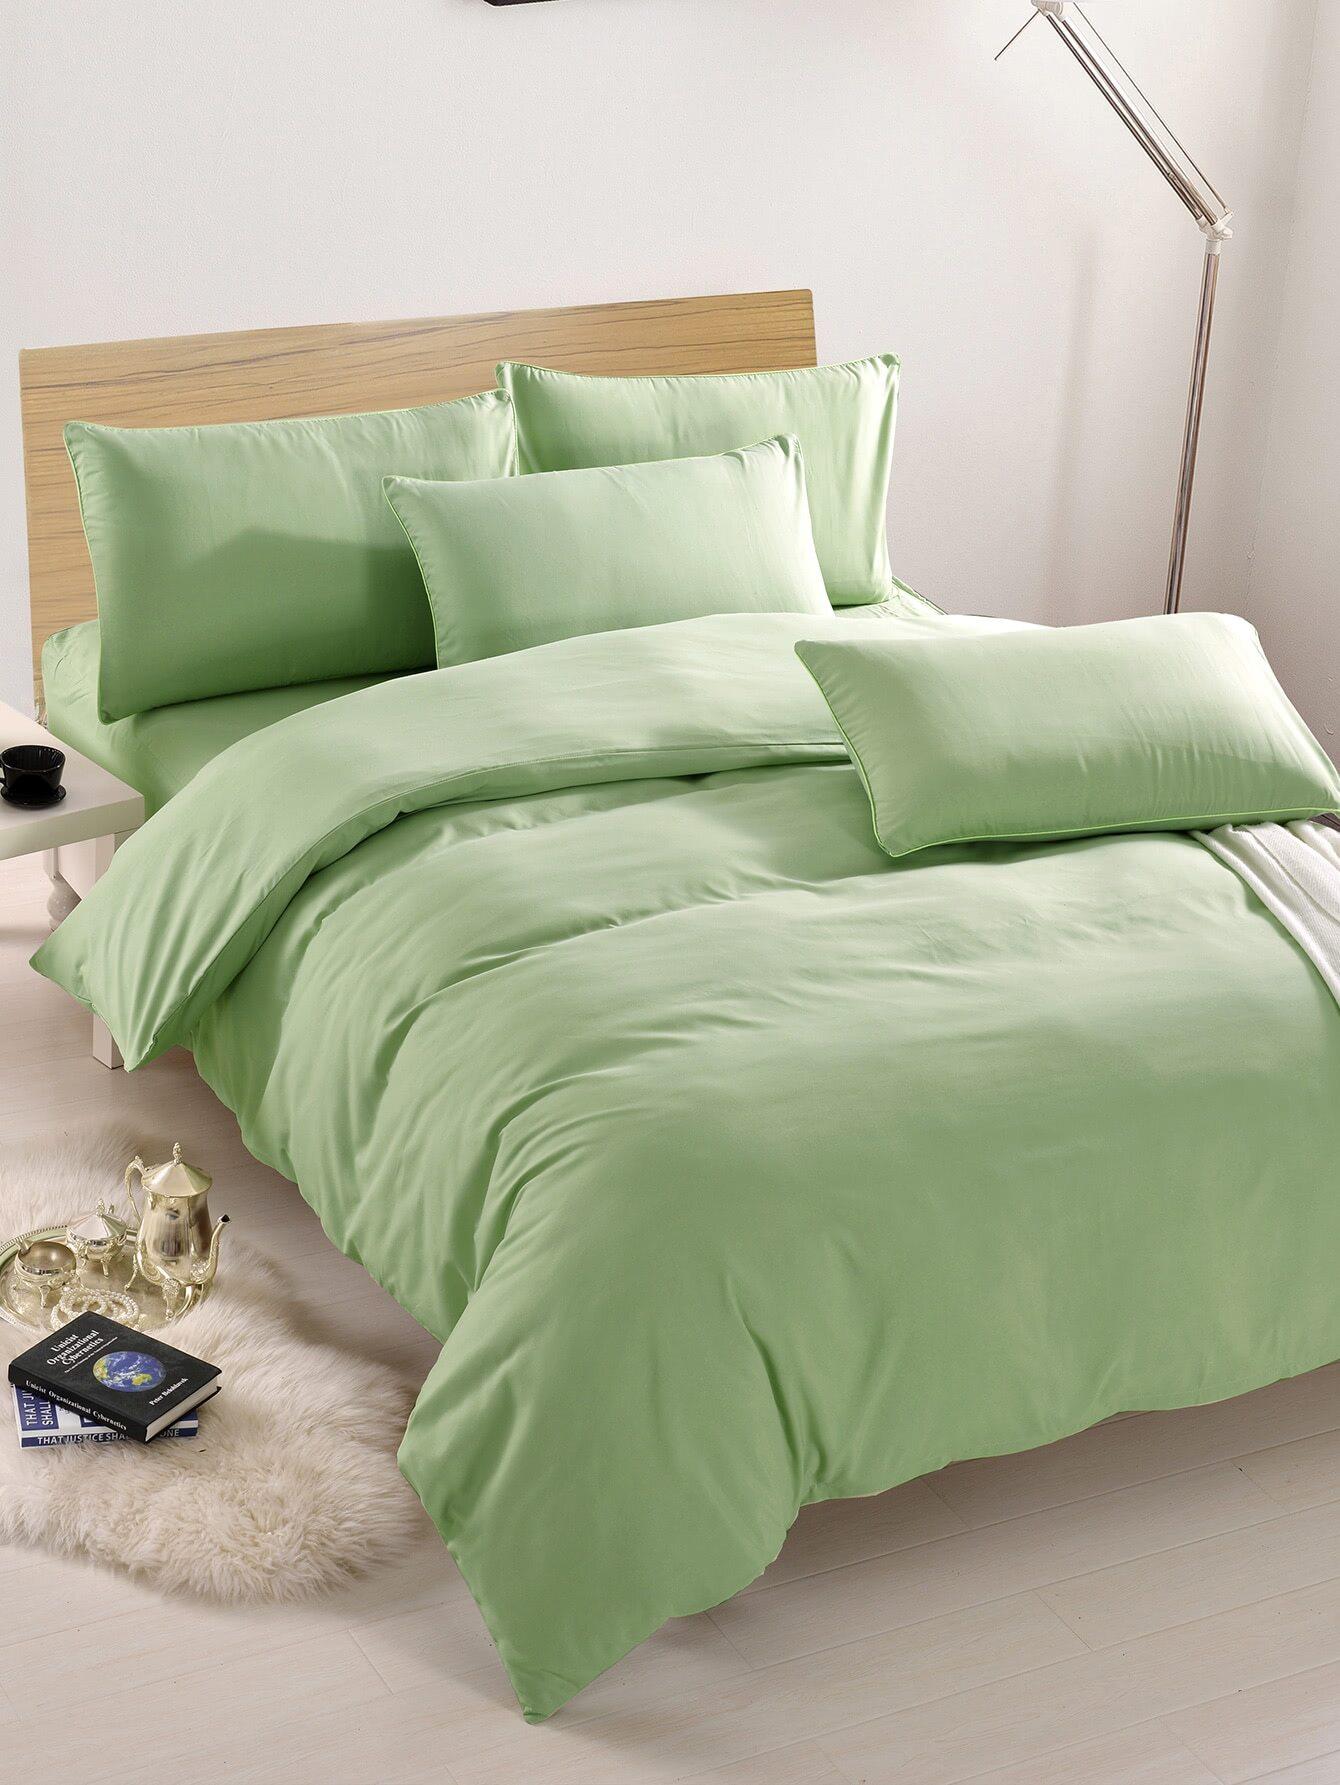 2.0m 4Pcs Simple Solid Colour Bed Sheet Set